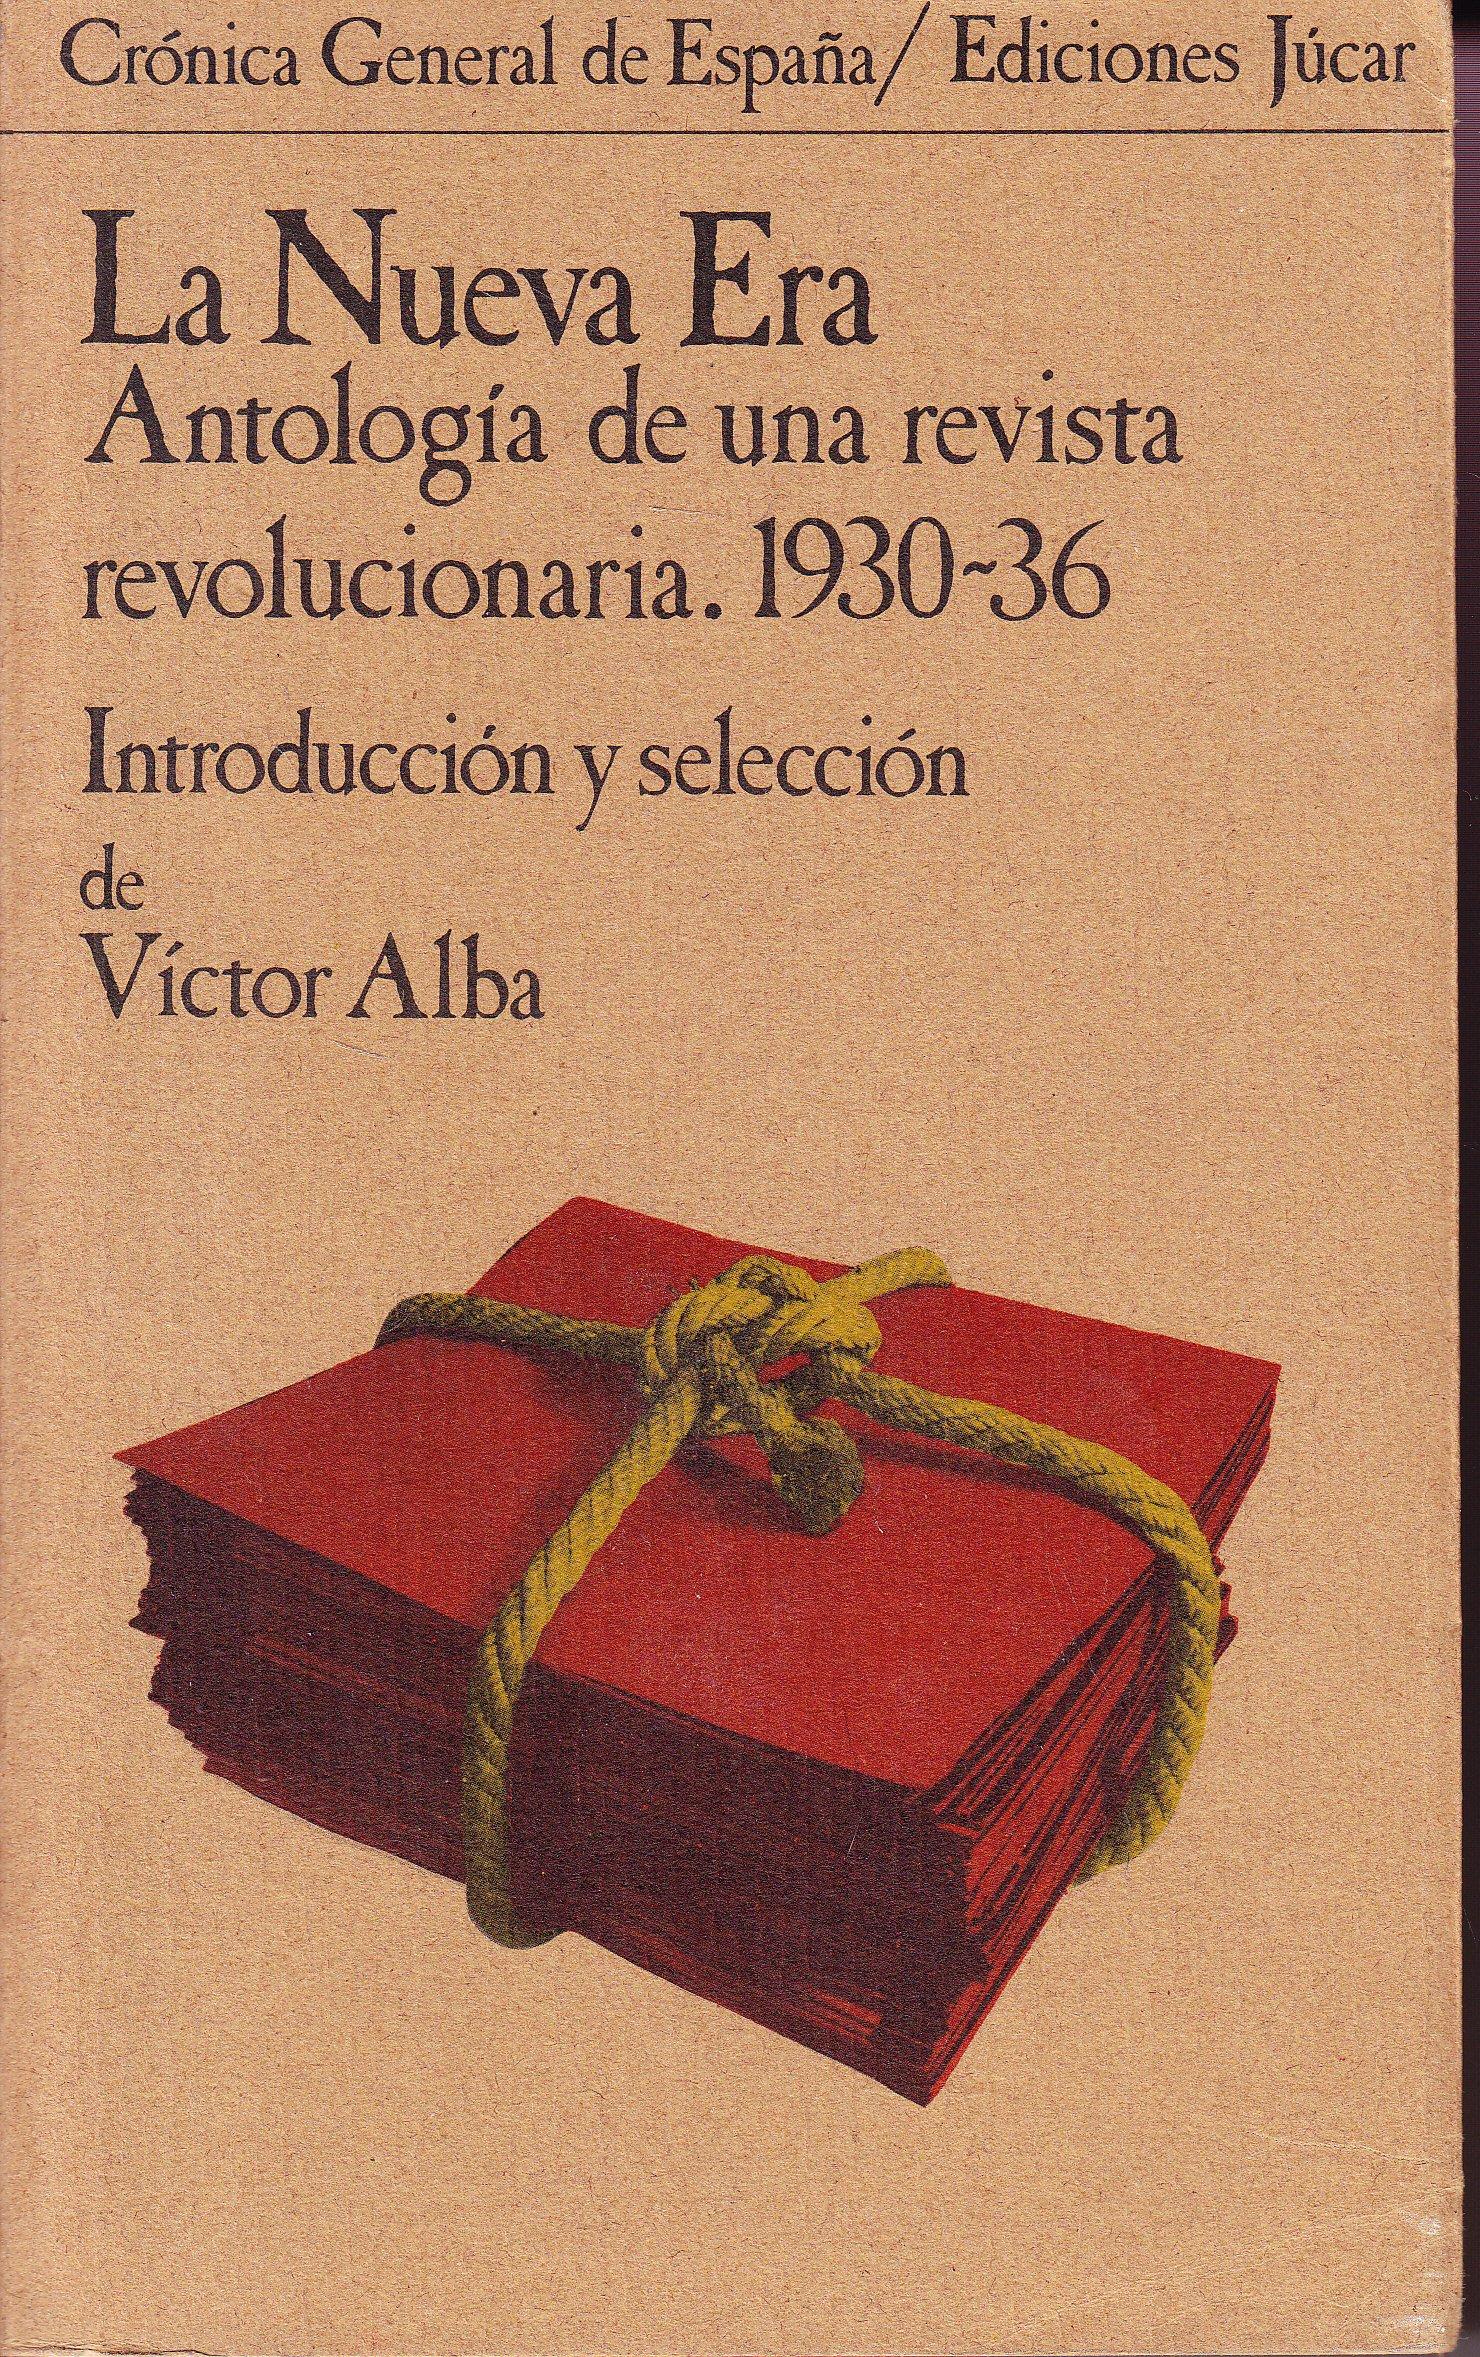 La Nueva Era: Antolog¸a de una revista revolucionaria, 1930-36 Crónica general de España ; 6: Amazon.es: Victor Alba: Libros en idiomas extranjeros